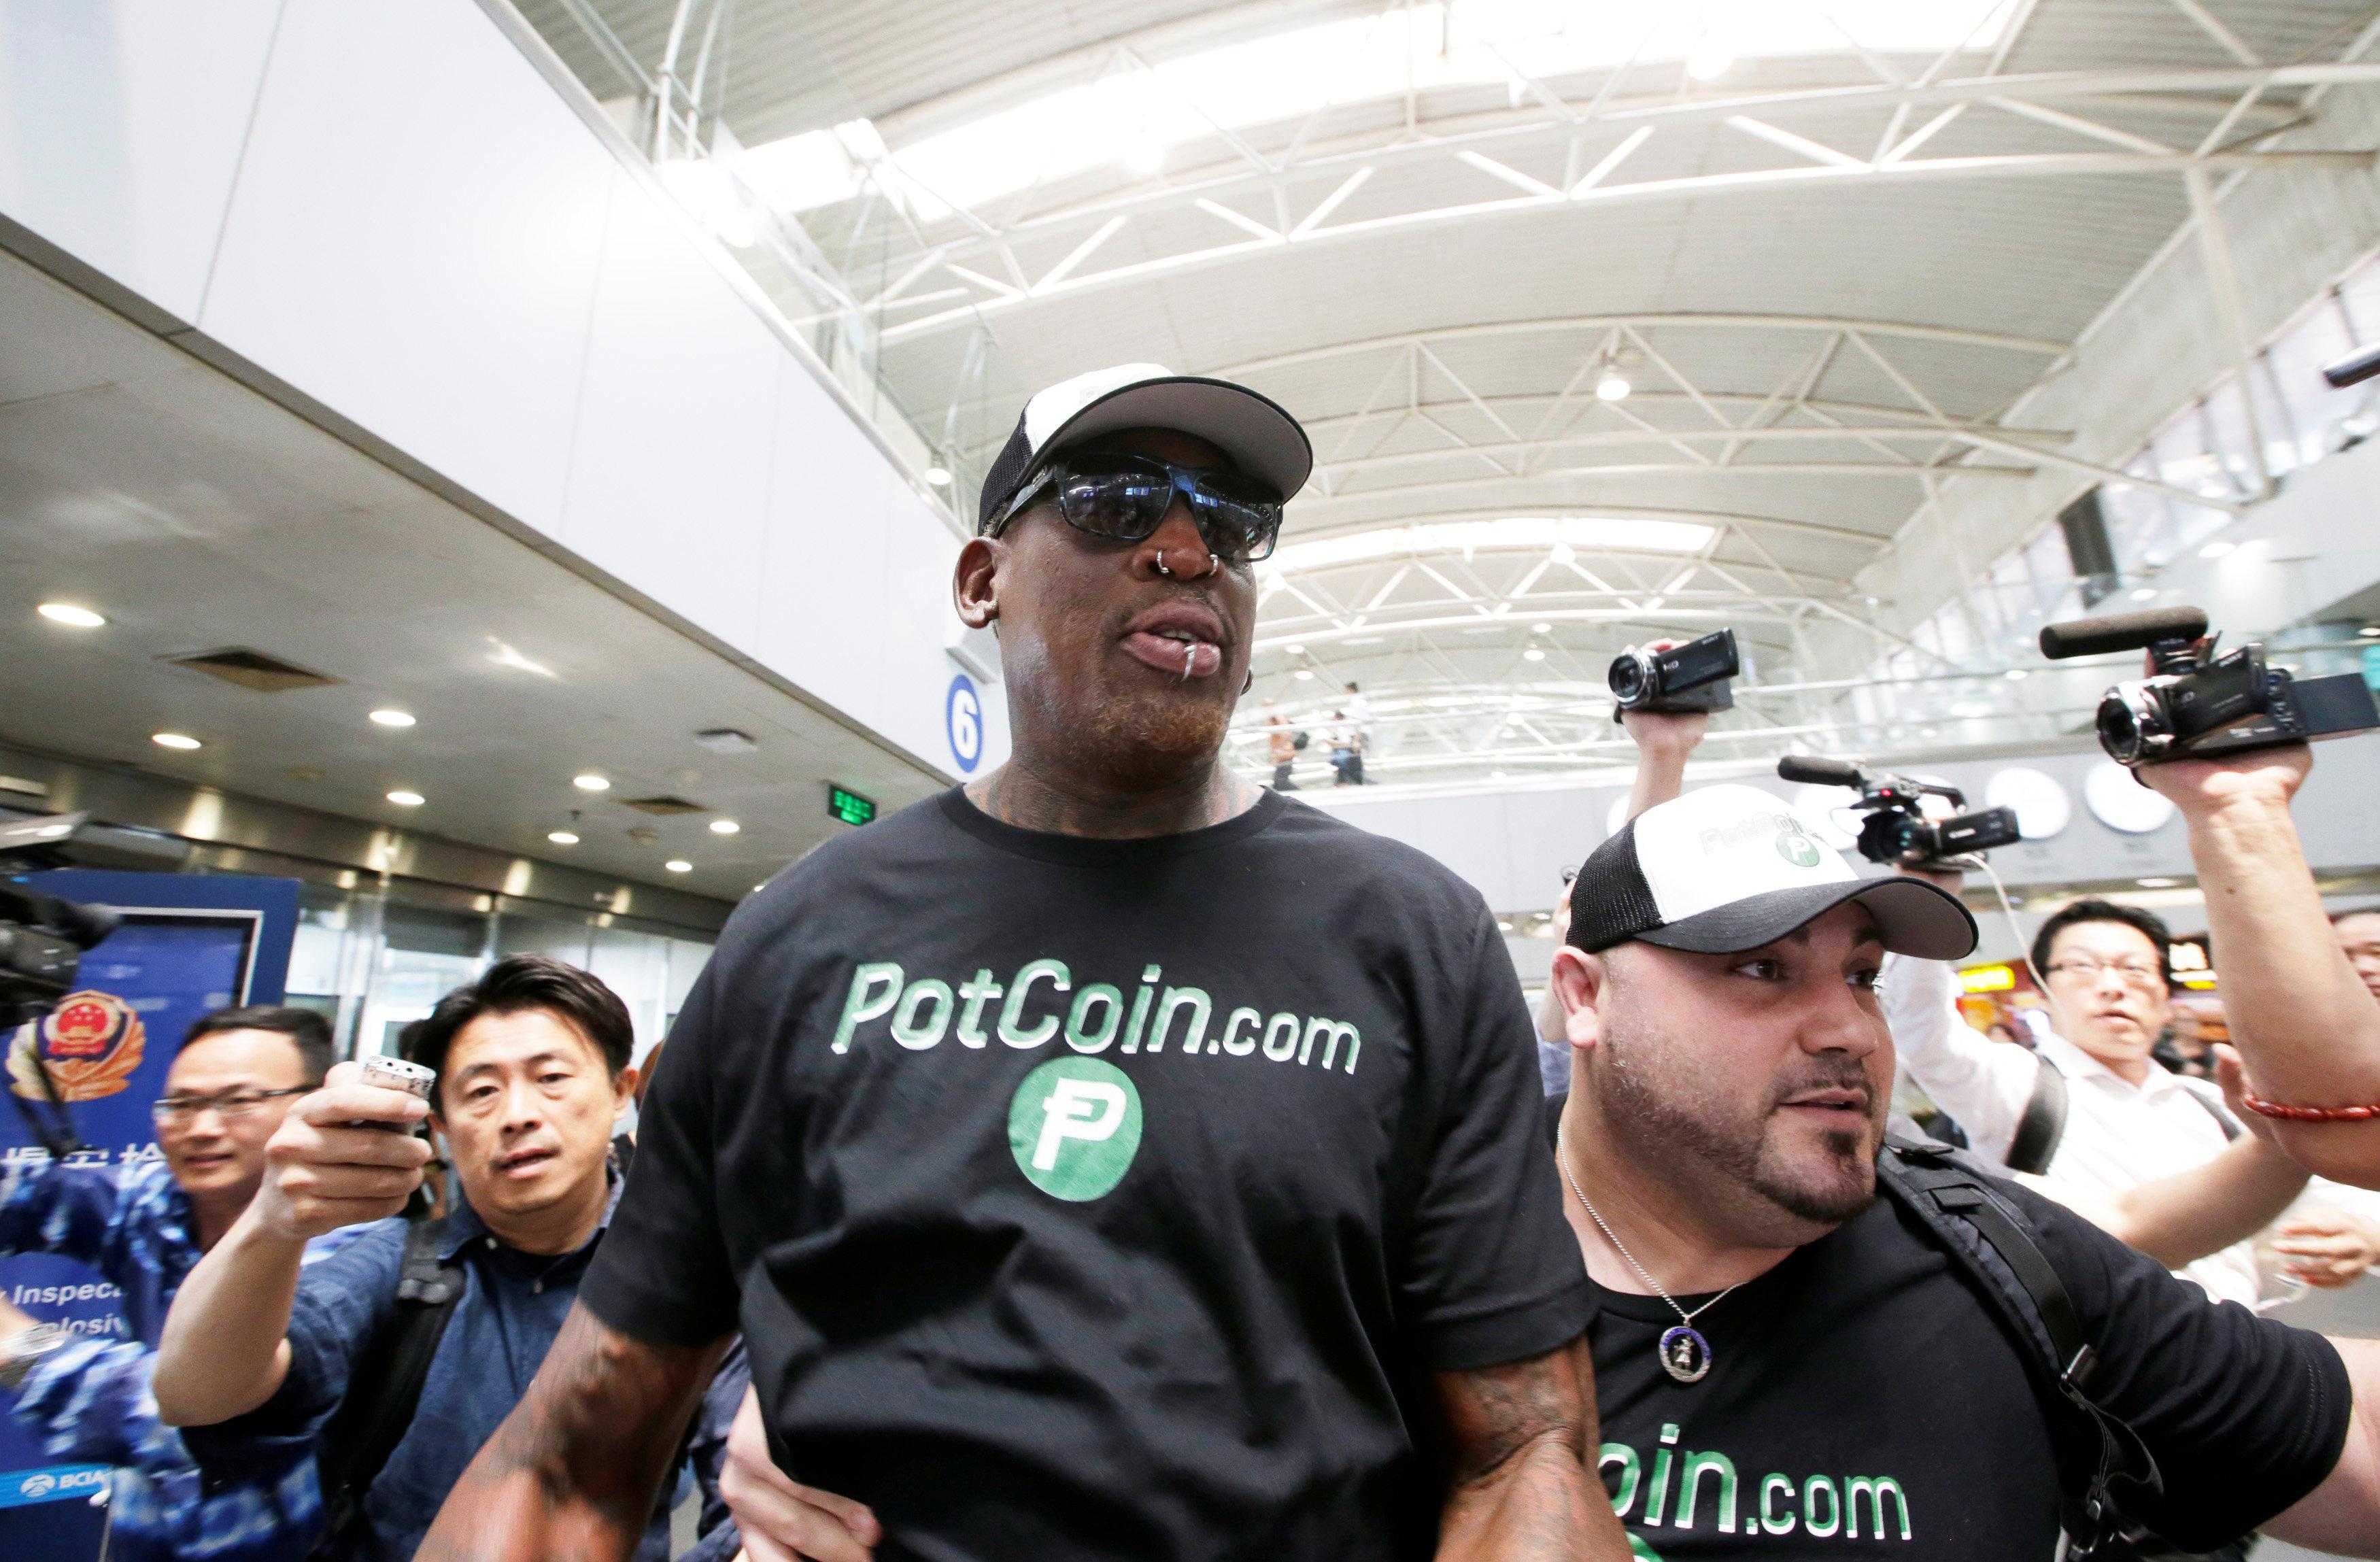 5275a485e7 ocregister.com Dennis Rodman heading to North Korea again